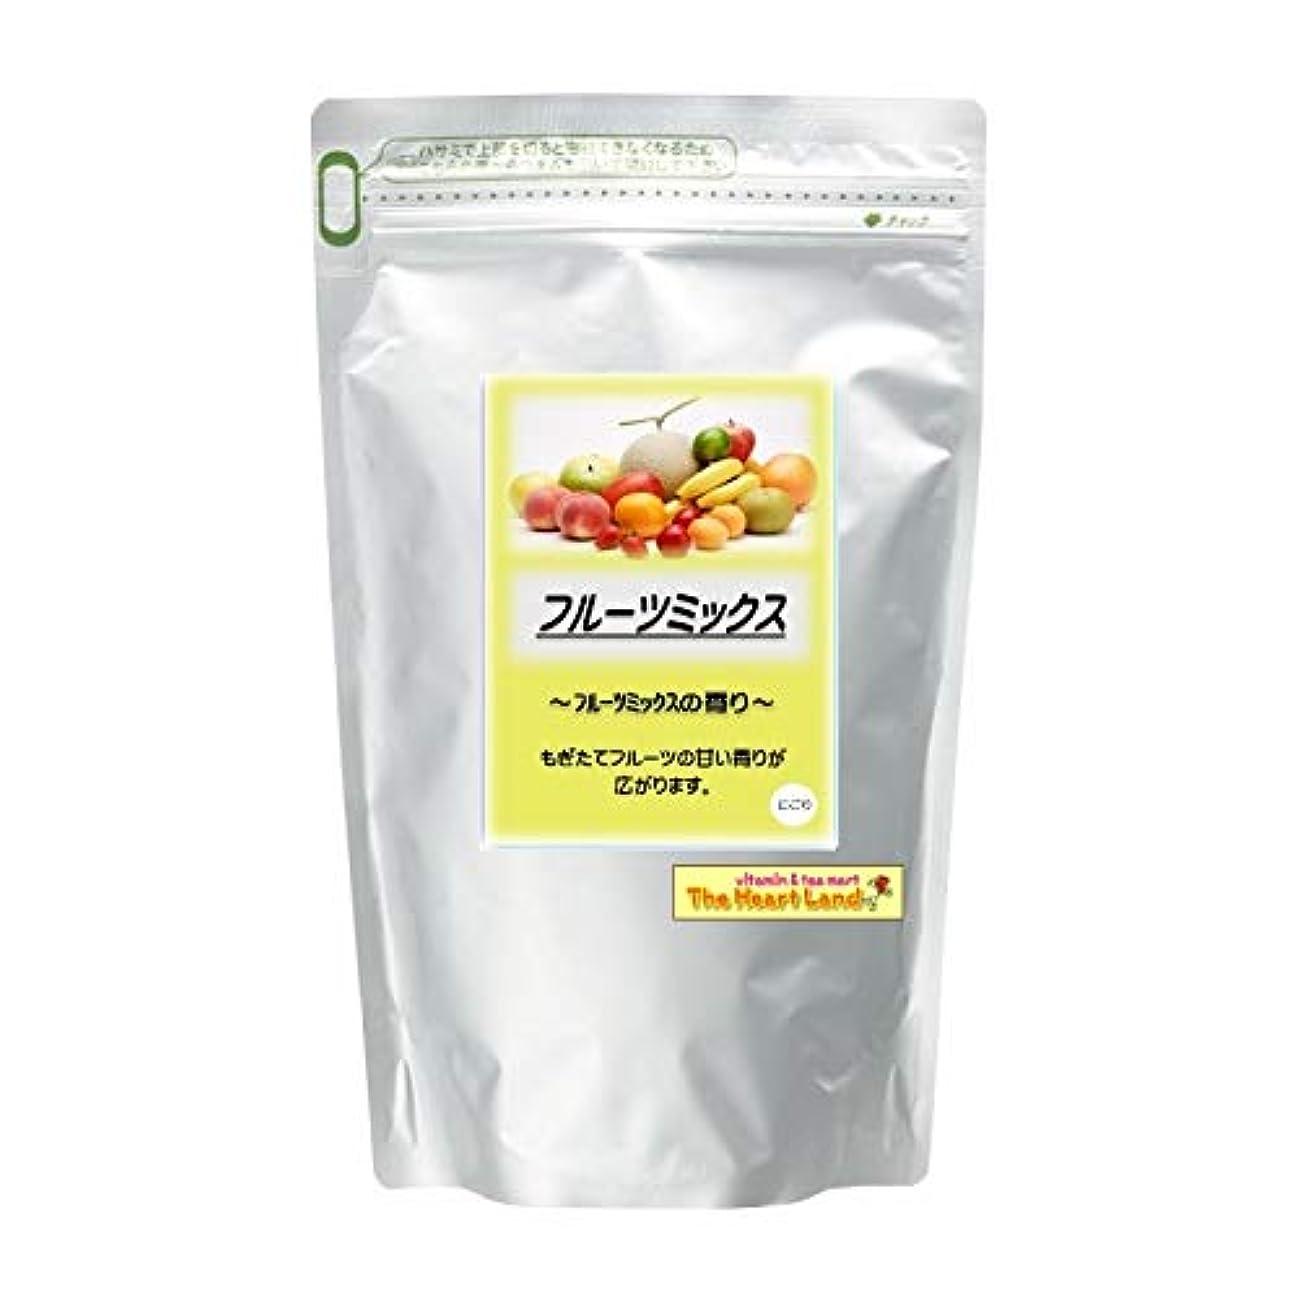 満足ほとんどの場合非難するアサヒ入浴剤 浴用入浴化粧品 フルーツミックス 2.5kg